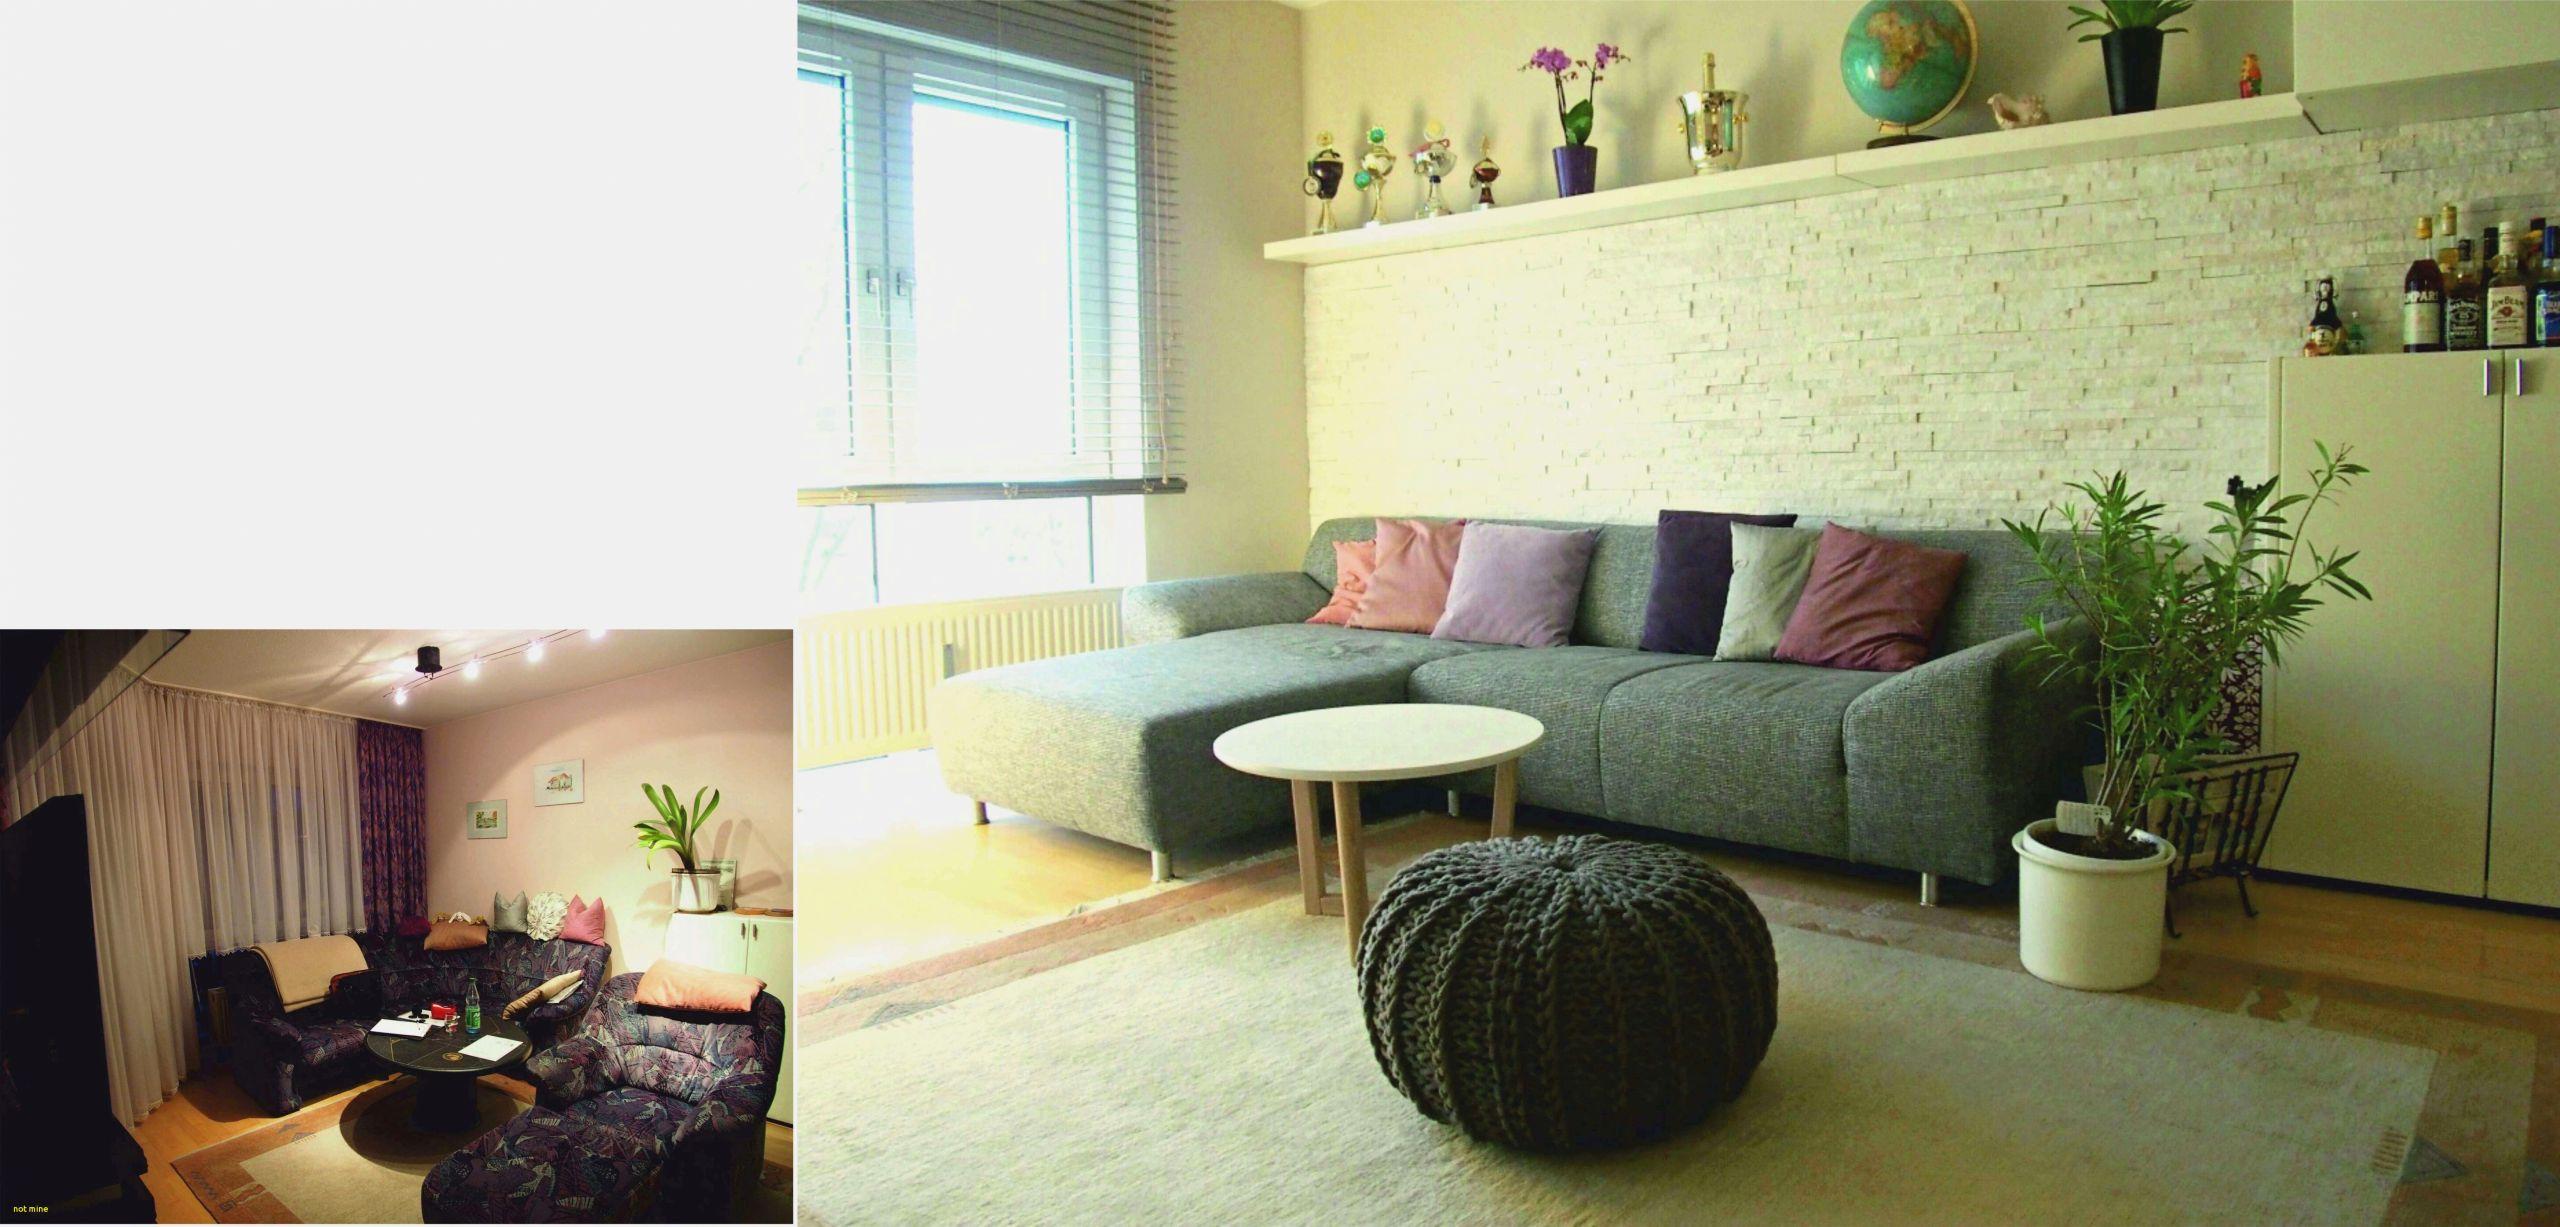 Salon Jardin Intermarche Best Of Wandfarbe Mischen Beige House Interior Joecutbirth